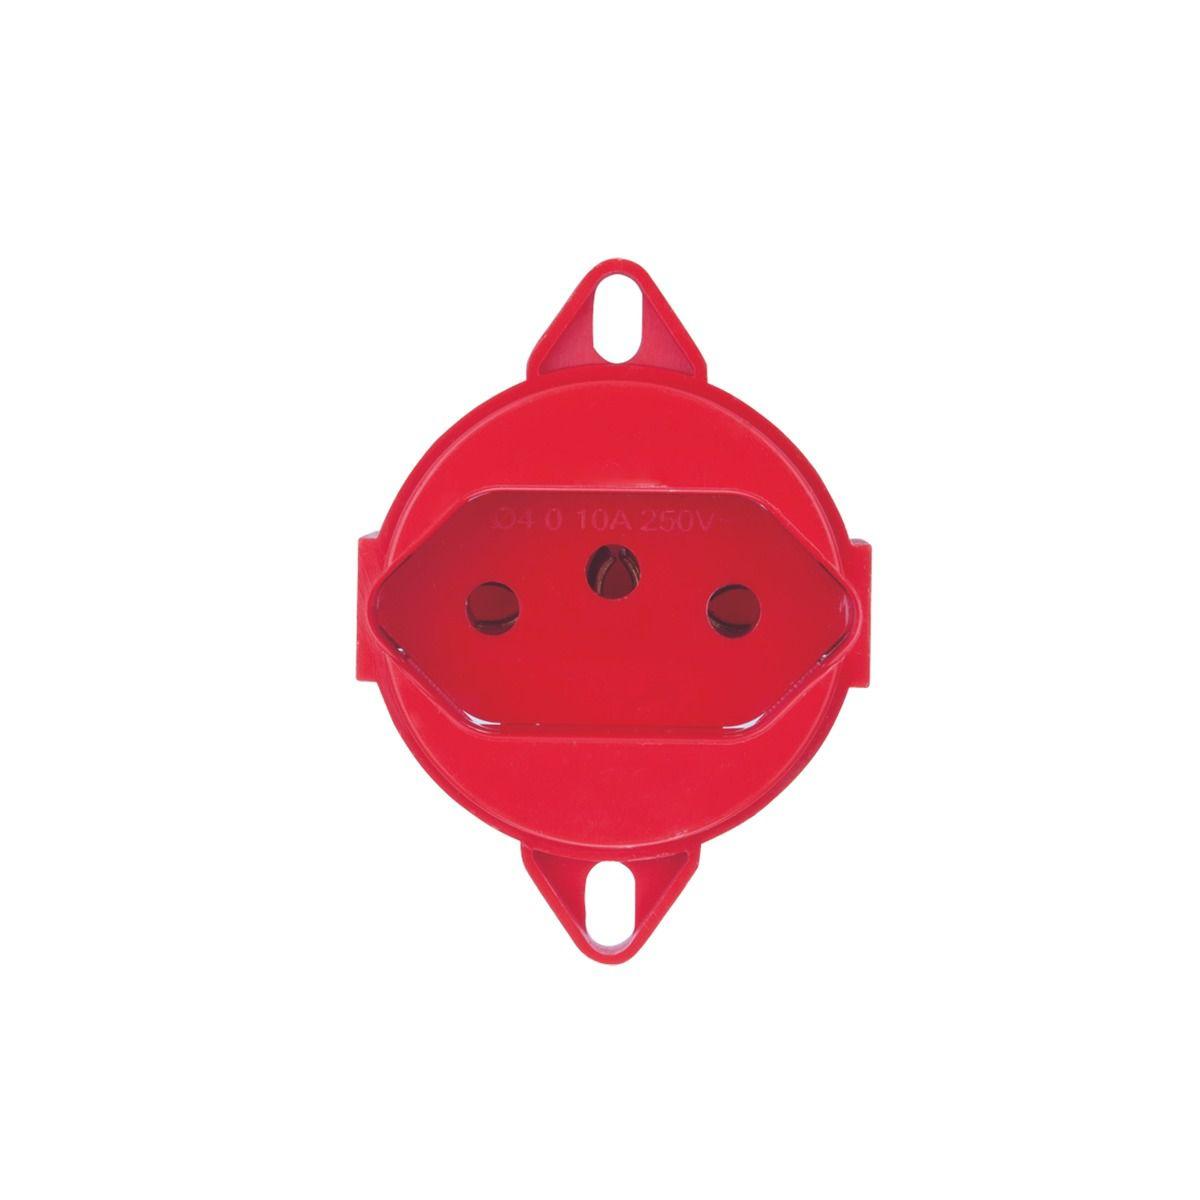 Tomada 2P+T 20A 250V - Vermelho